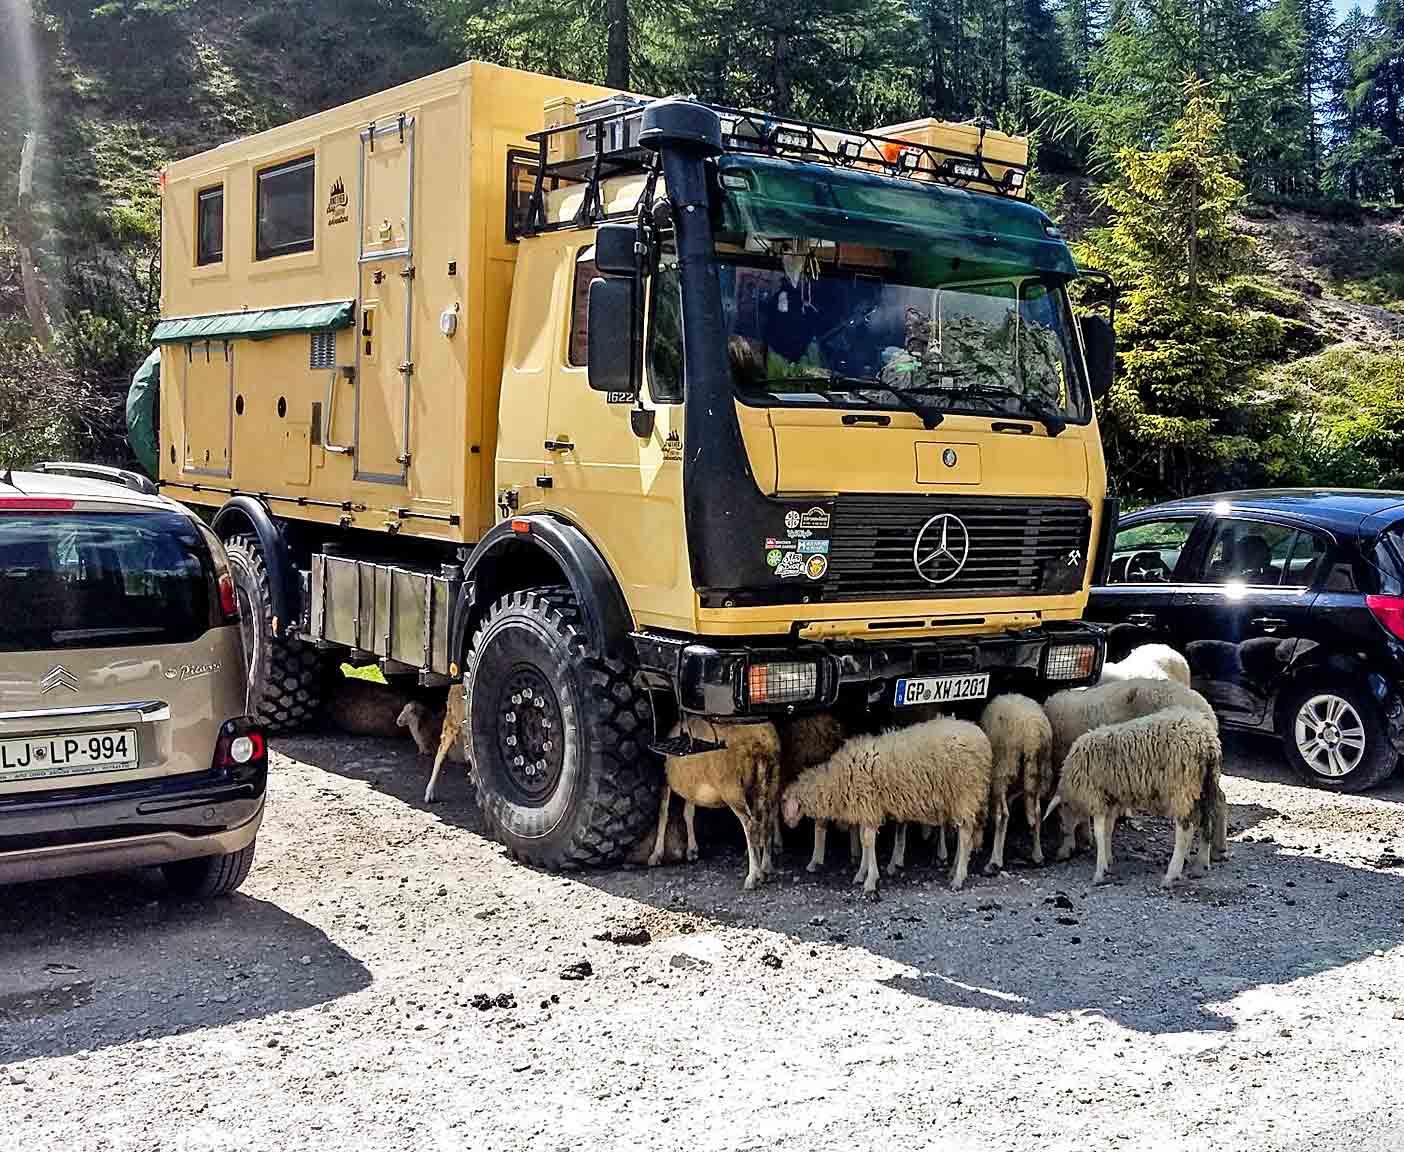 mercedes-1622-benz1017-expeditionsmobil-gebraucht-hersteller-mieten-4x4-zu-verkaufen-weltreise-expeditionsmobil-5